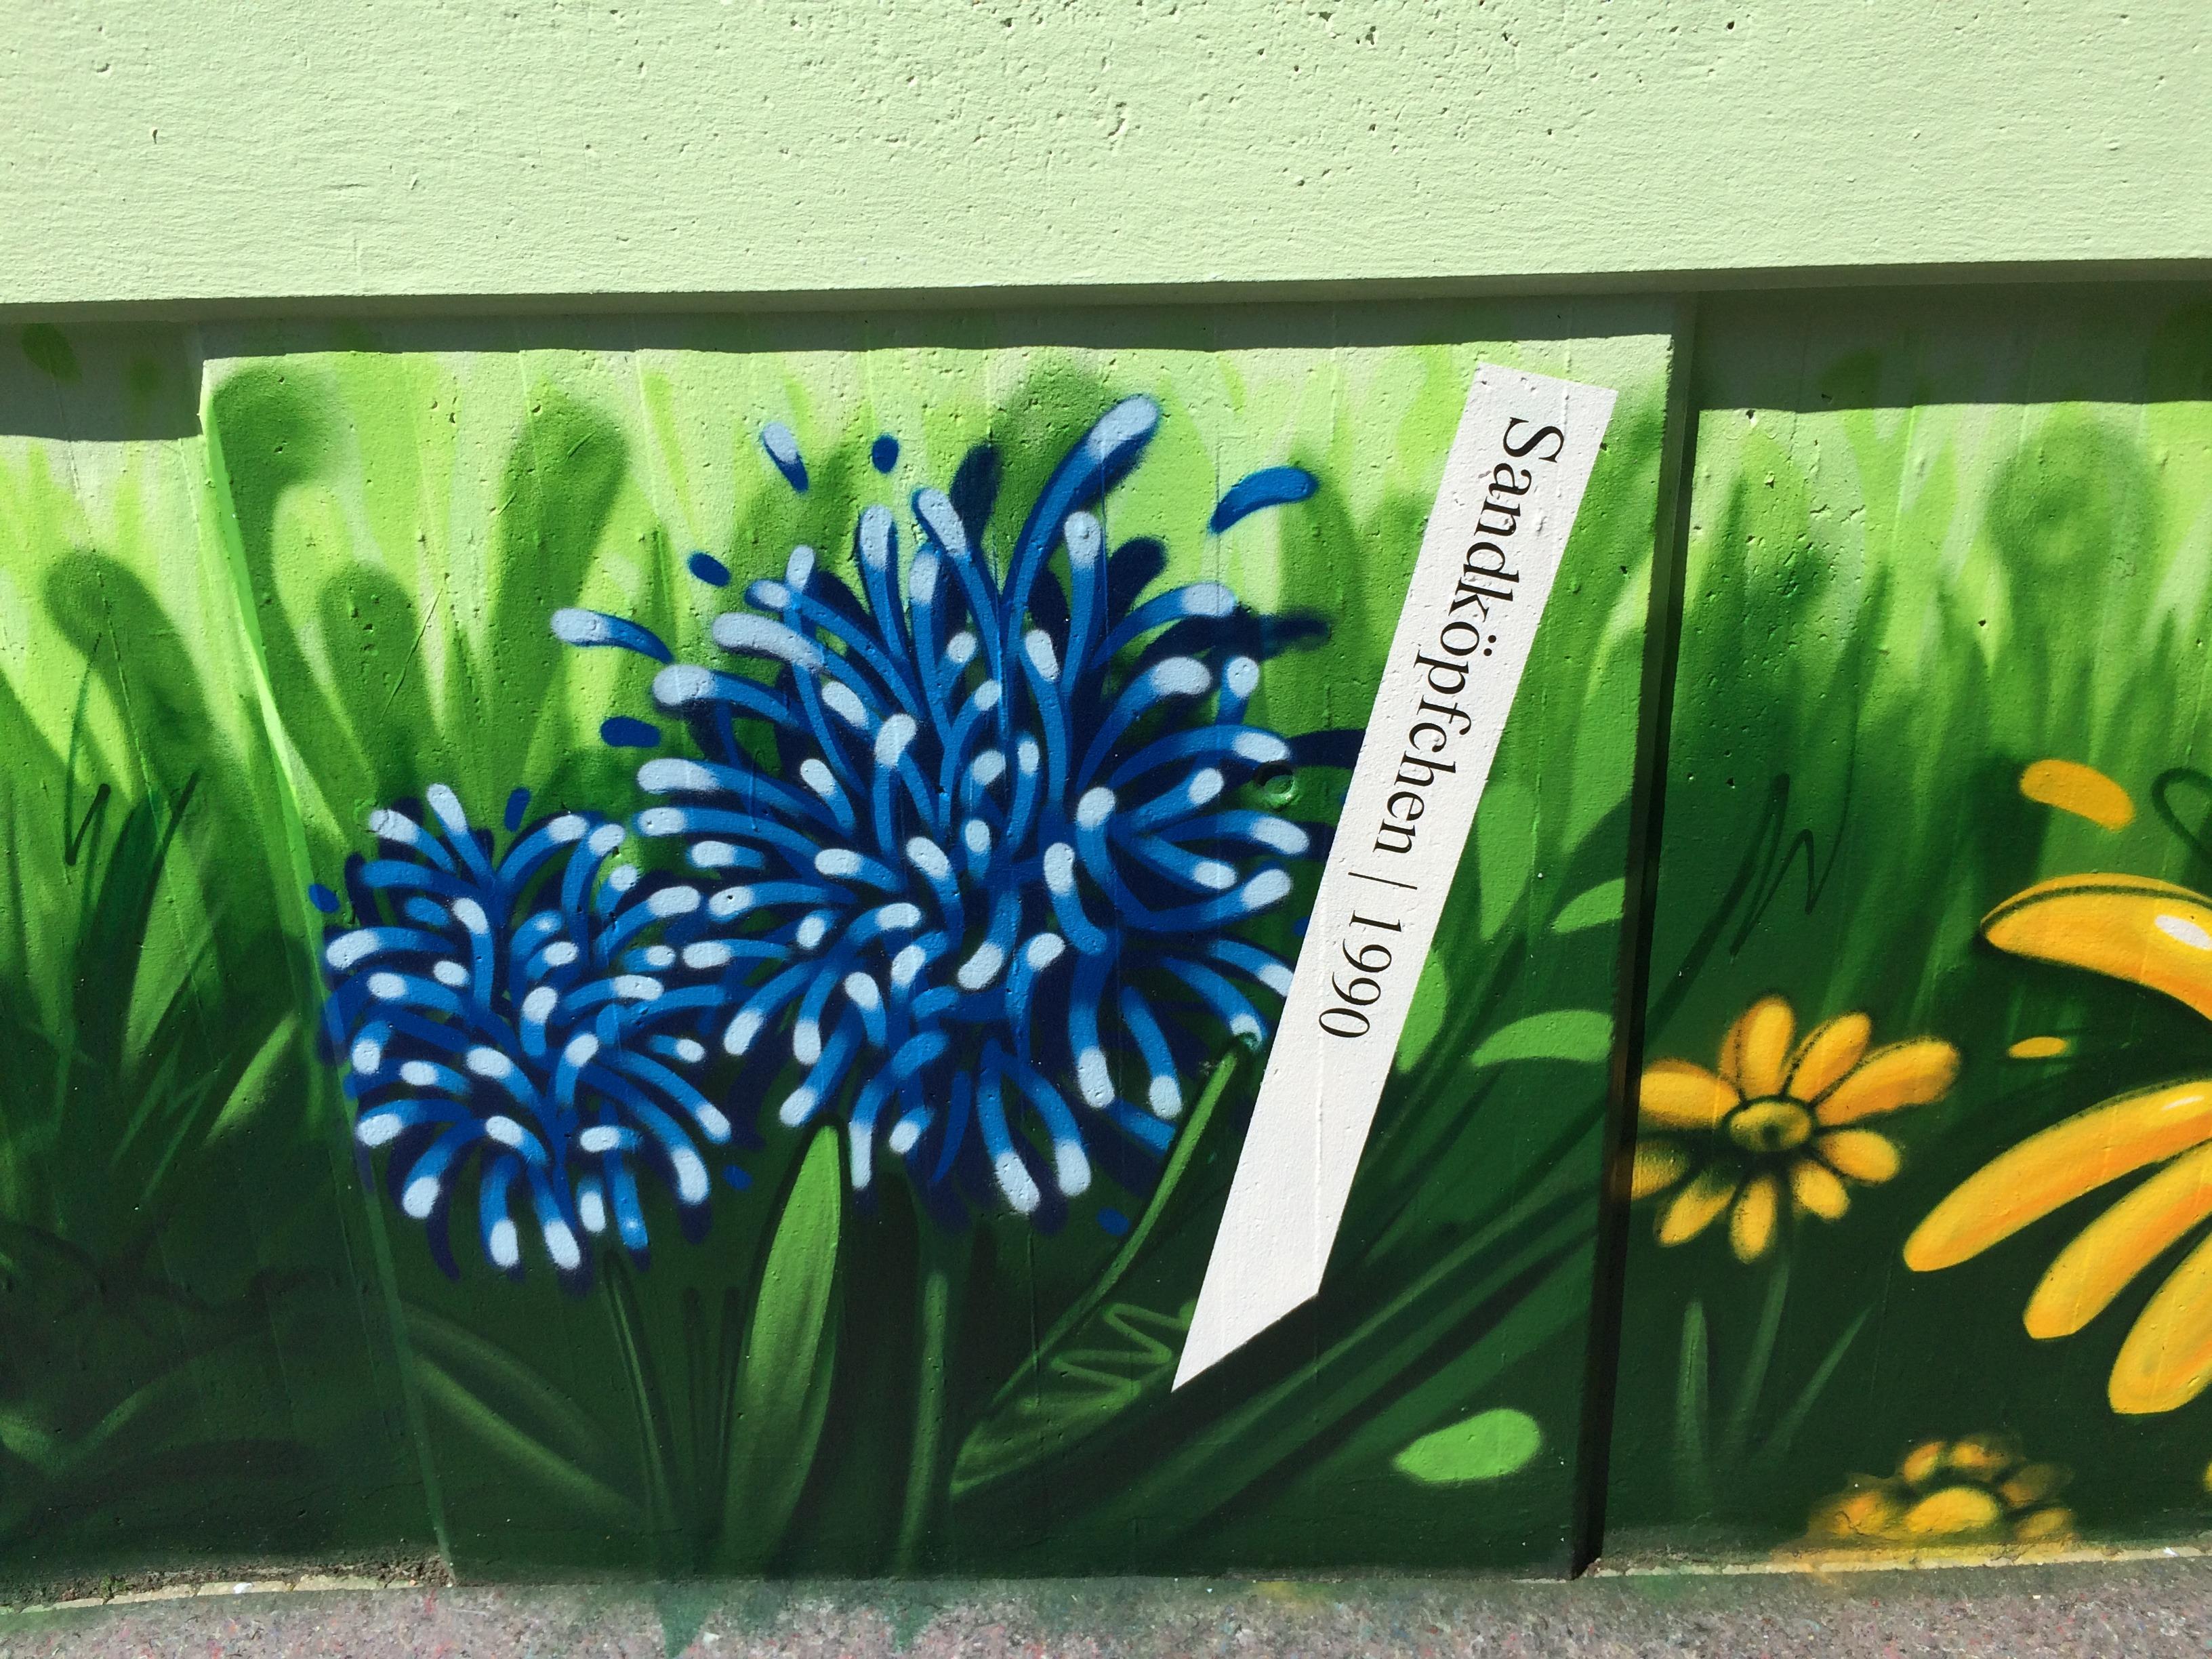 graffitiauftrag-graffitikuenstler-artmos4-deutschebahn_waechtersbach_pflanzen_comic